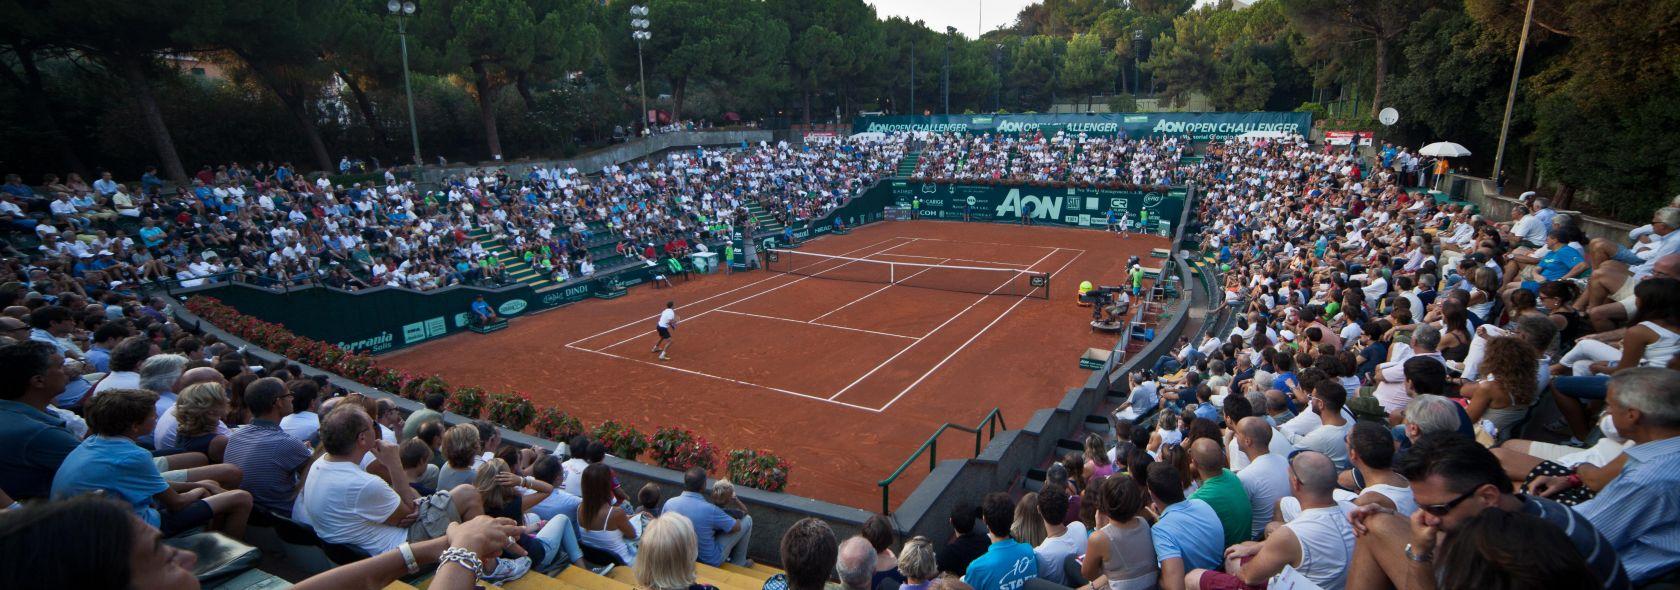 Una partita di tennis al centro sportivo Valletta Cambiaso